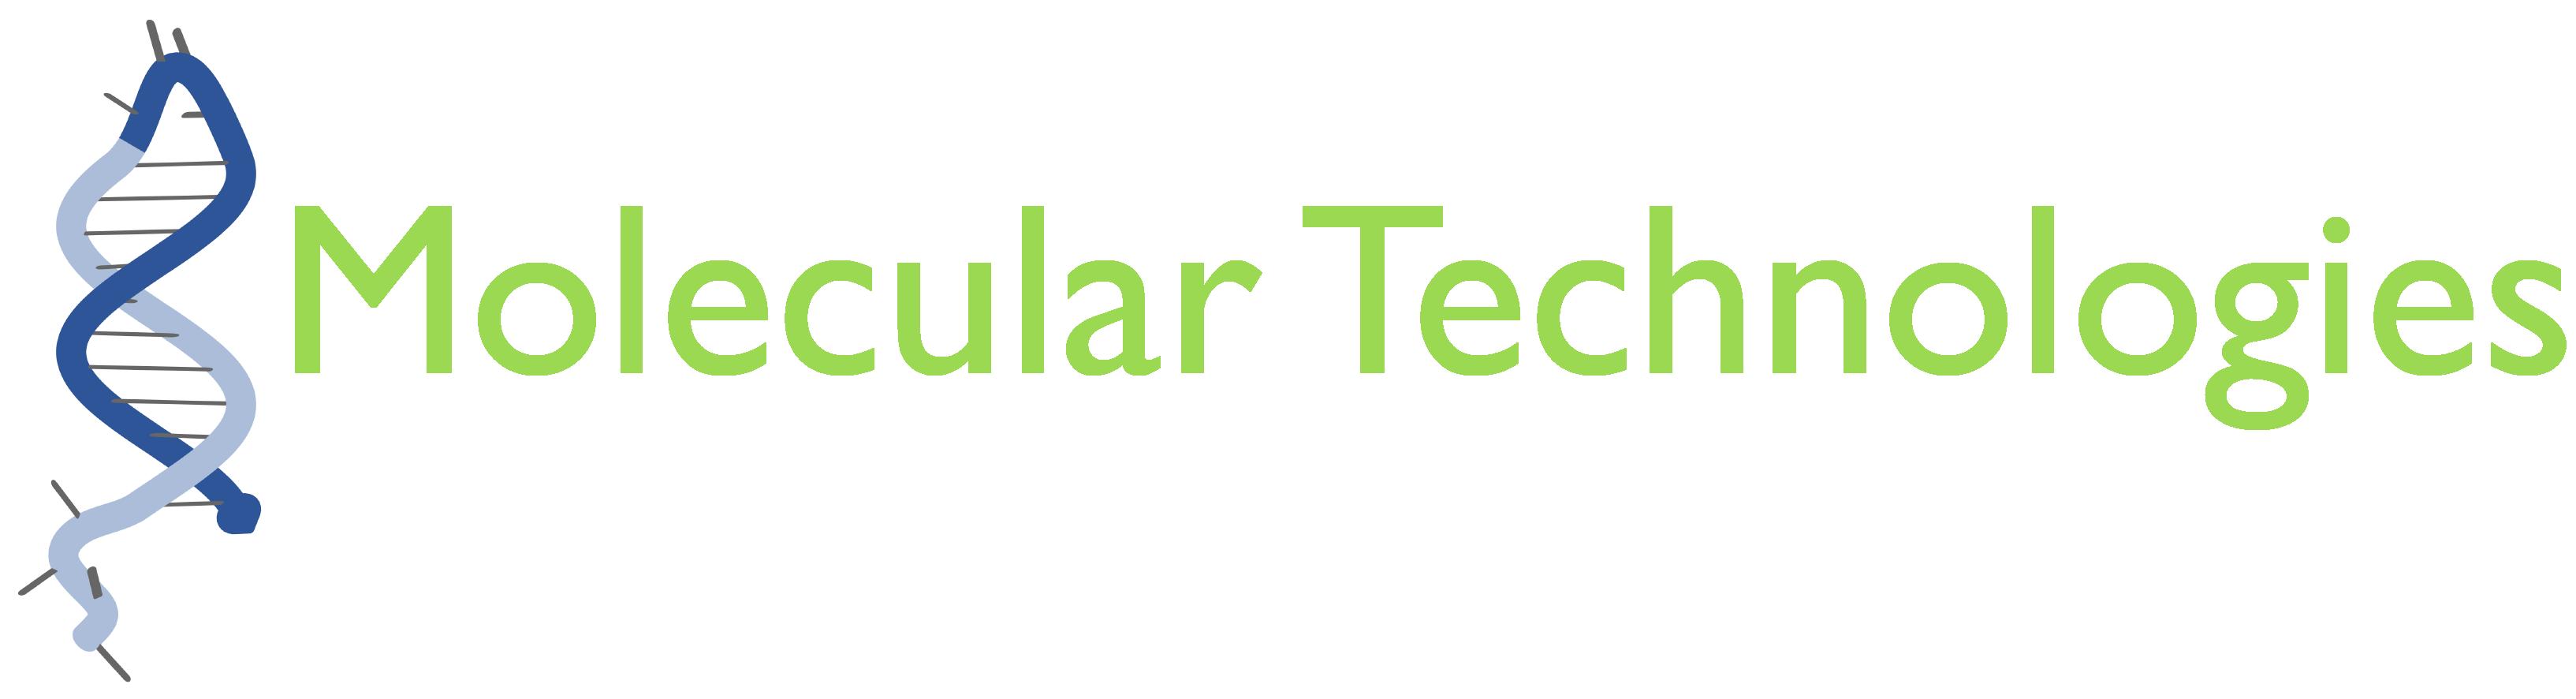 Molecular Technologies logo